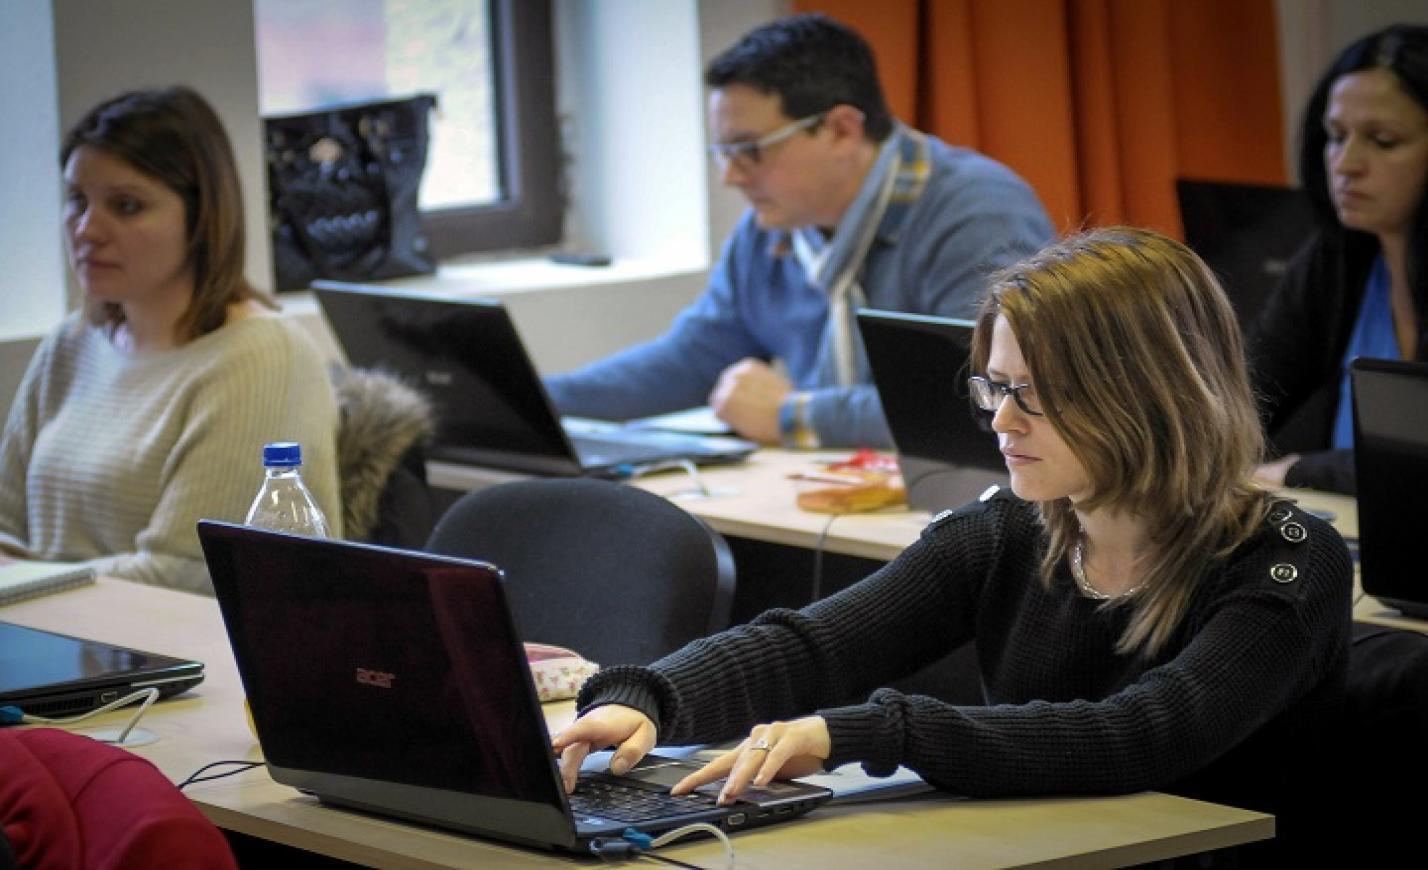 A jó fizetésért és hobbiból tanulnak új szakmákat a magyarok